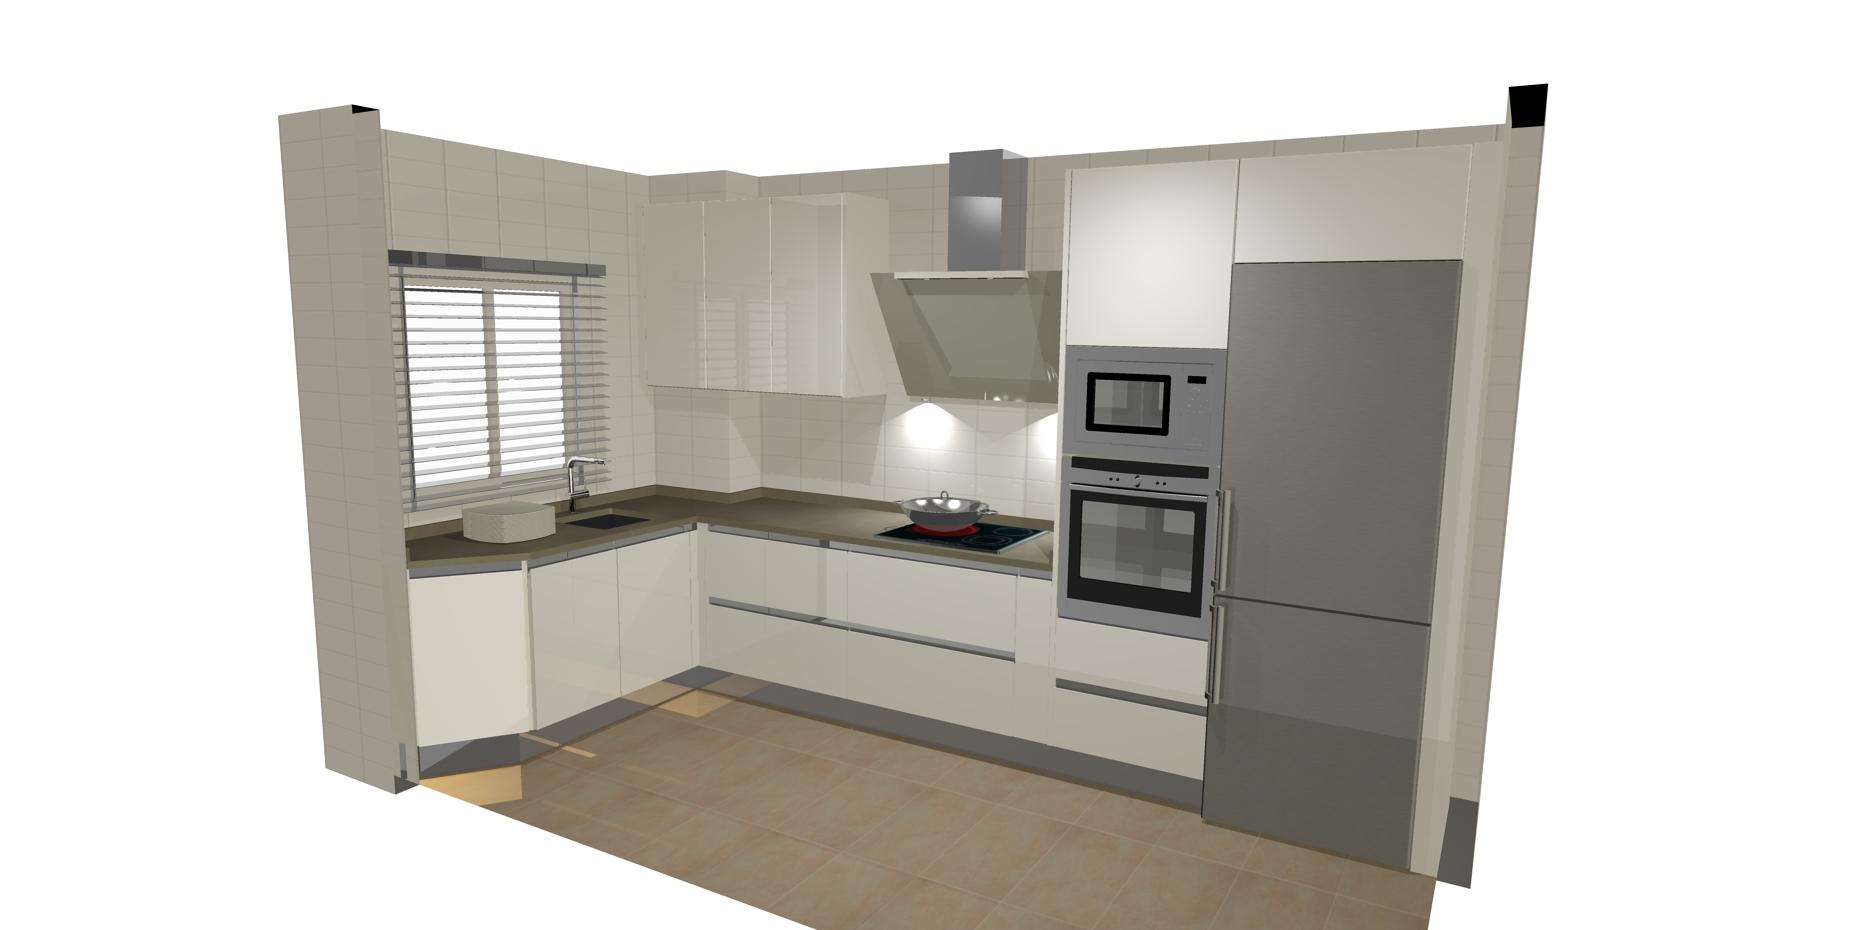 Dise os de cocinas en forma de l casa dise o for Cocinas en forma de l